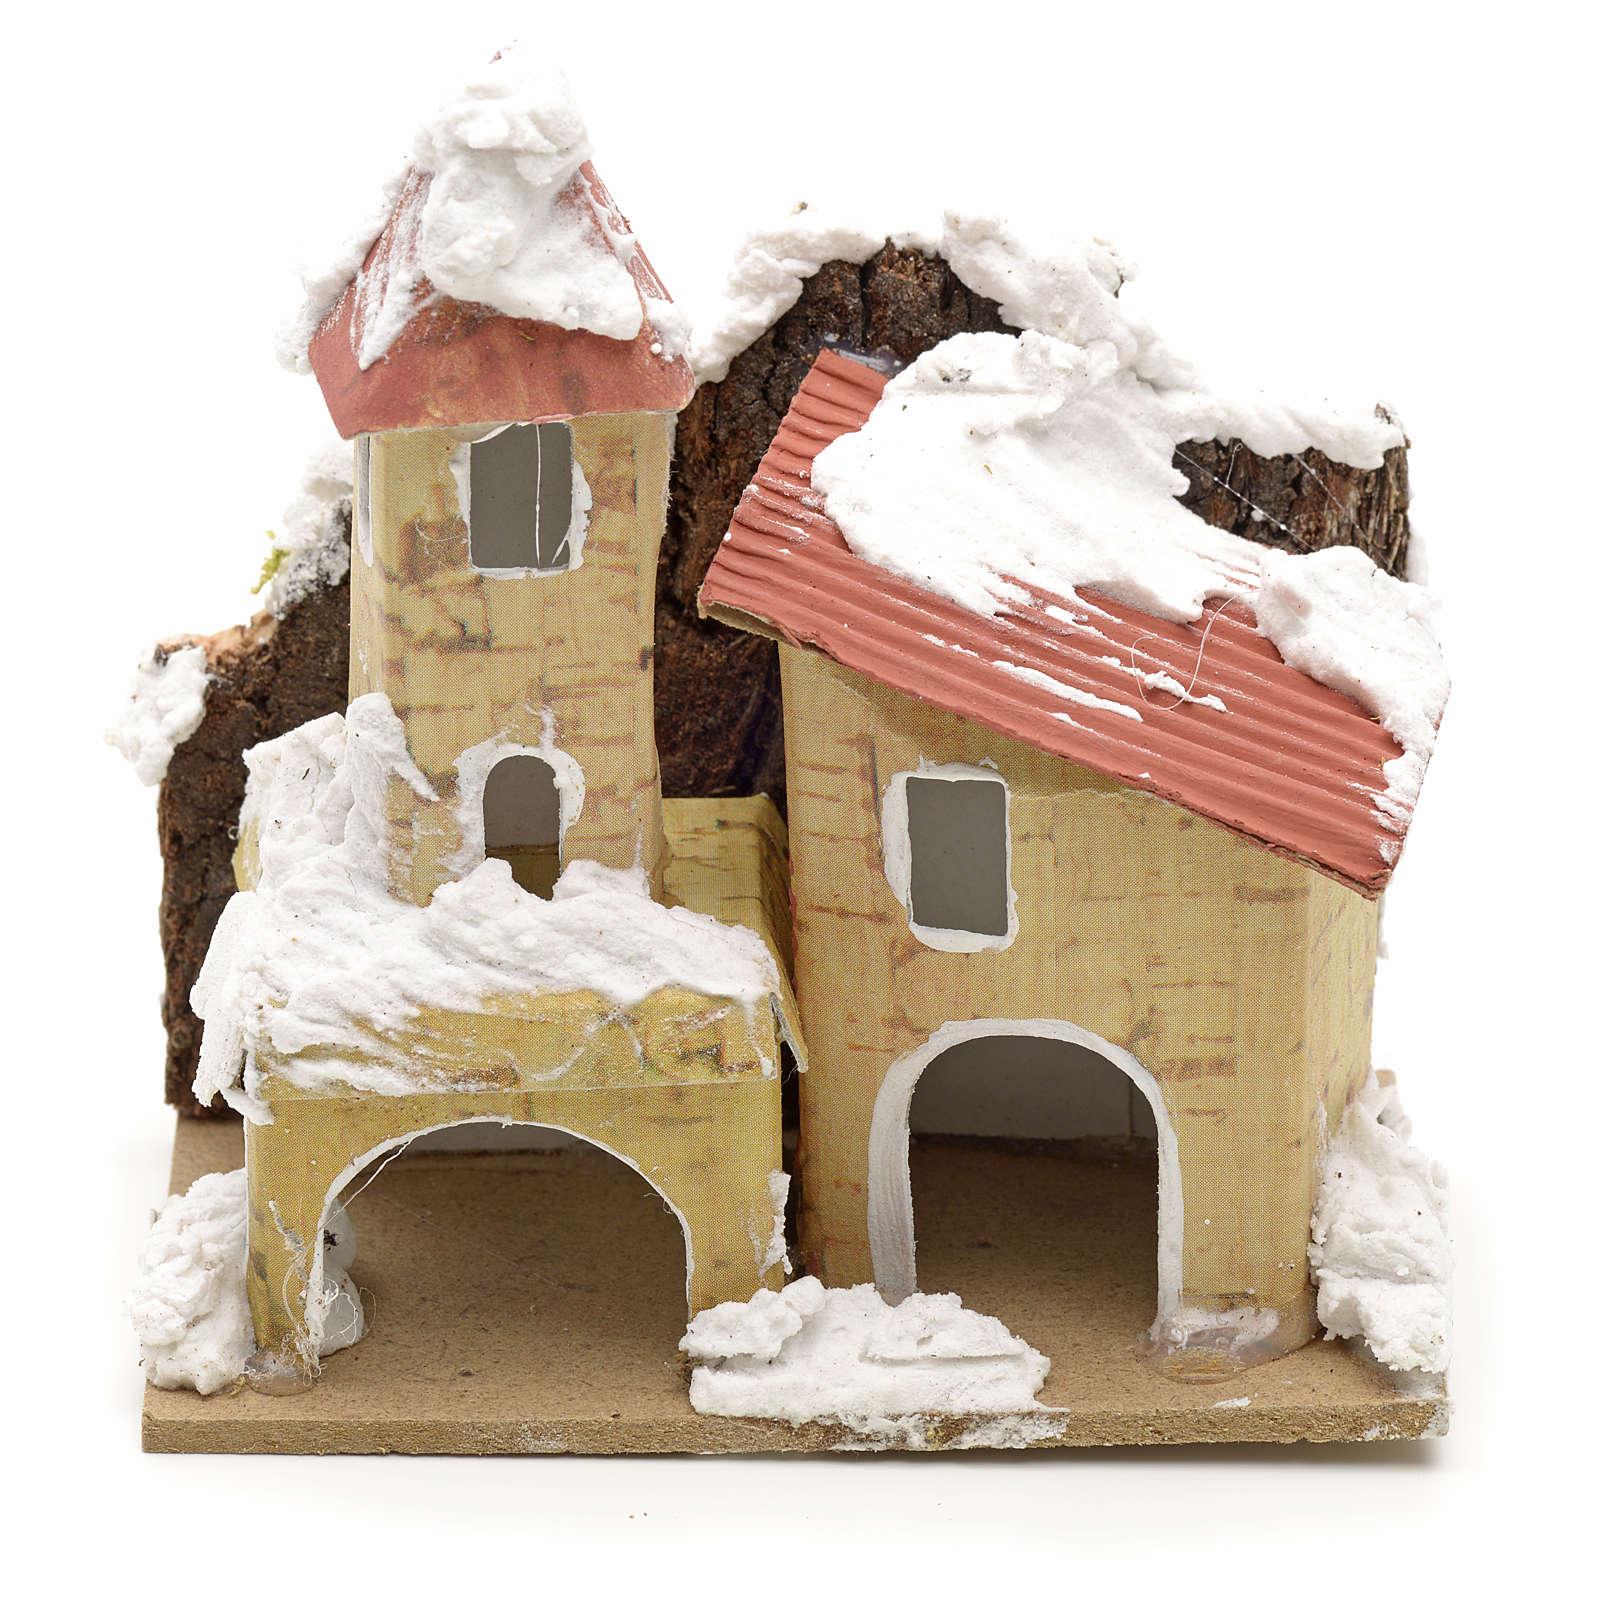 Décor crèche maisons enneigées 10x6 4